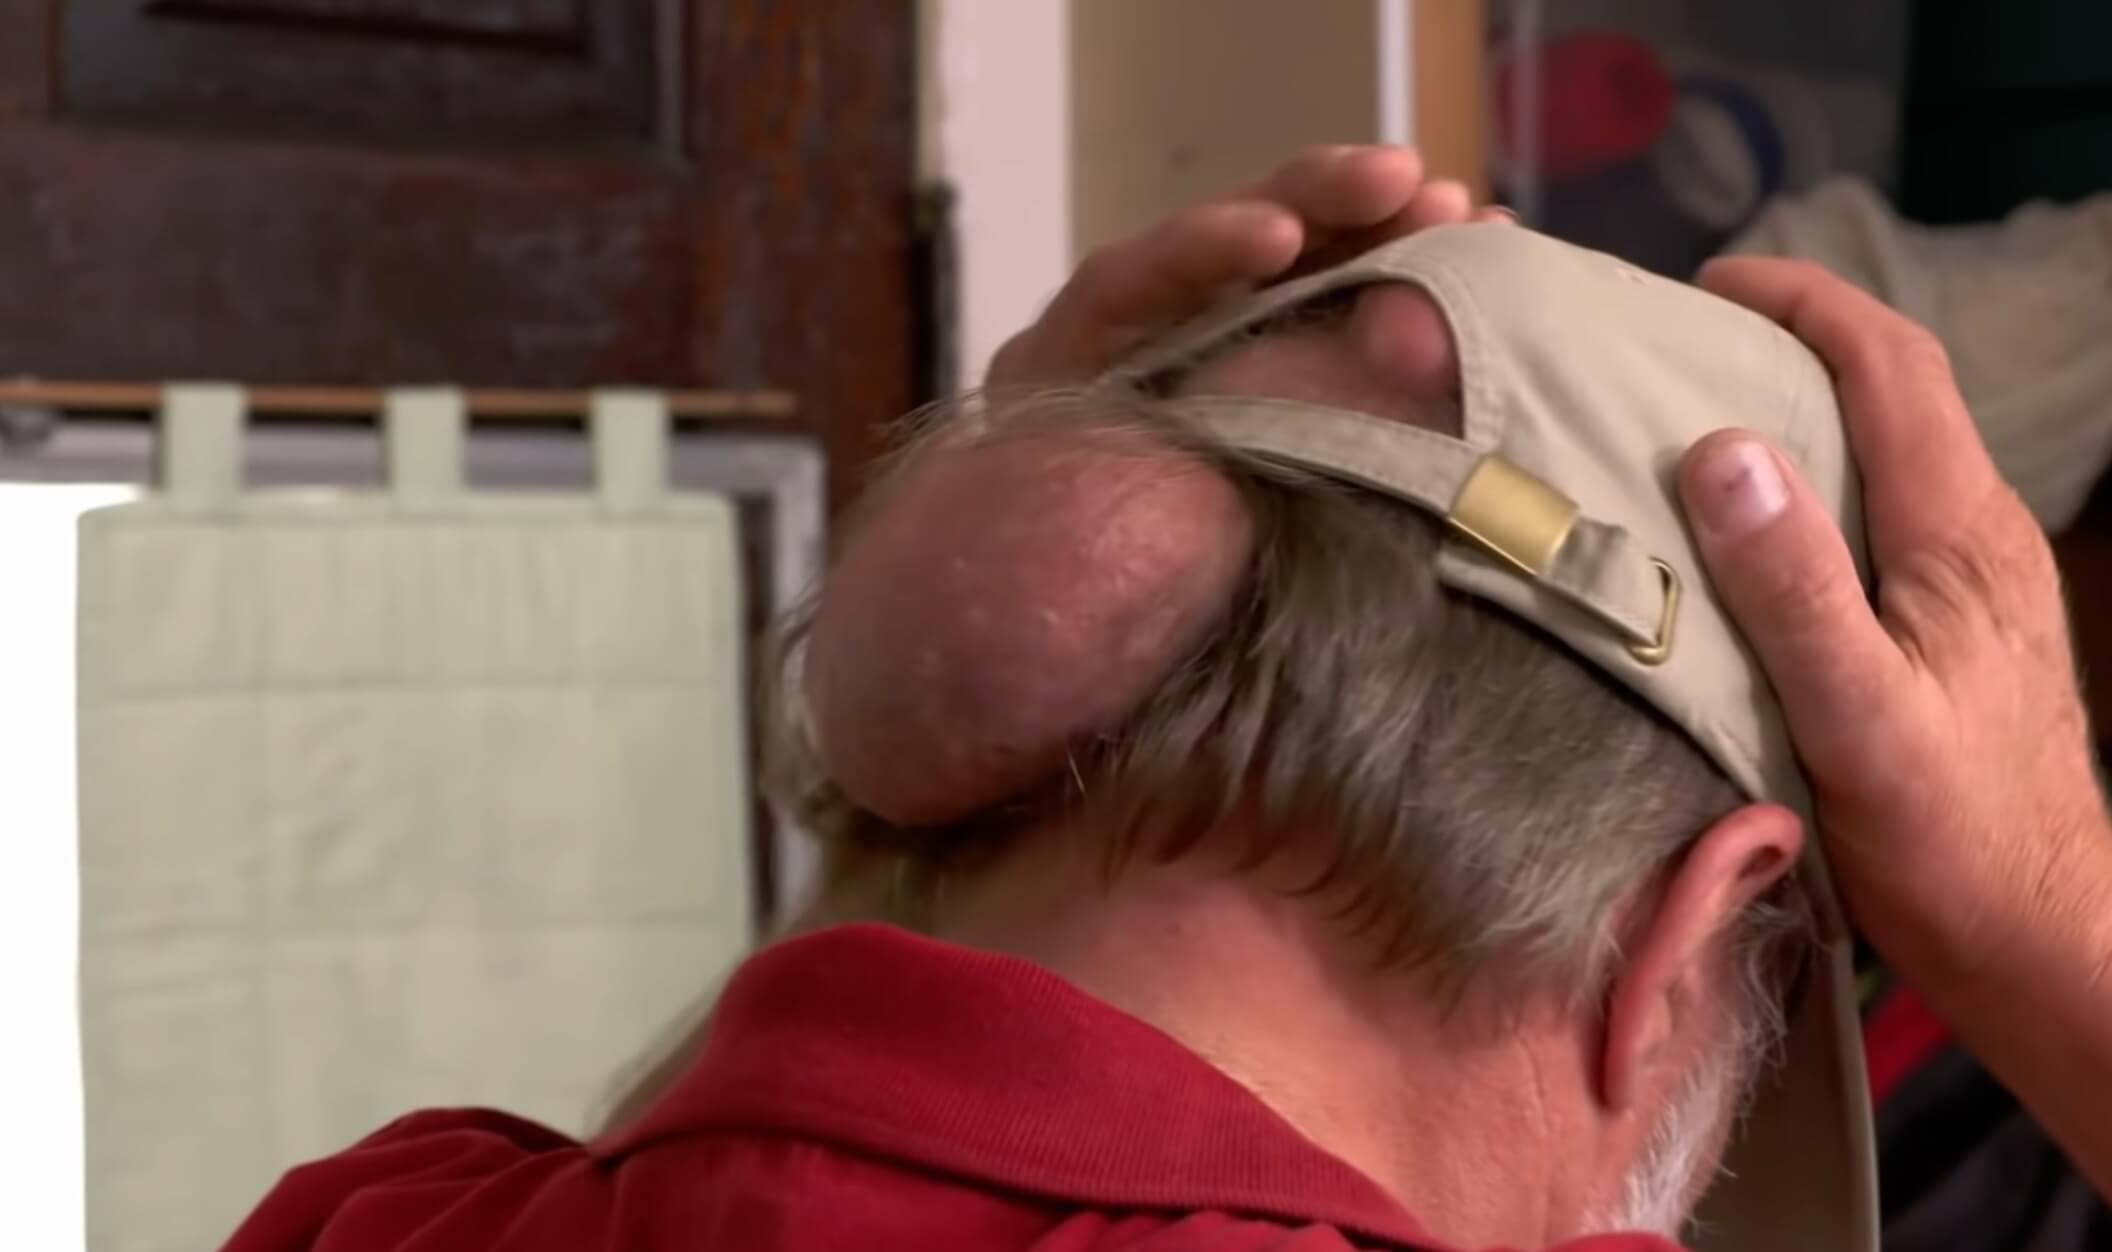 おじいちゃんの後頭部にできた巨大な脂肪腫を取る動画